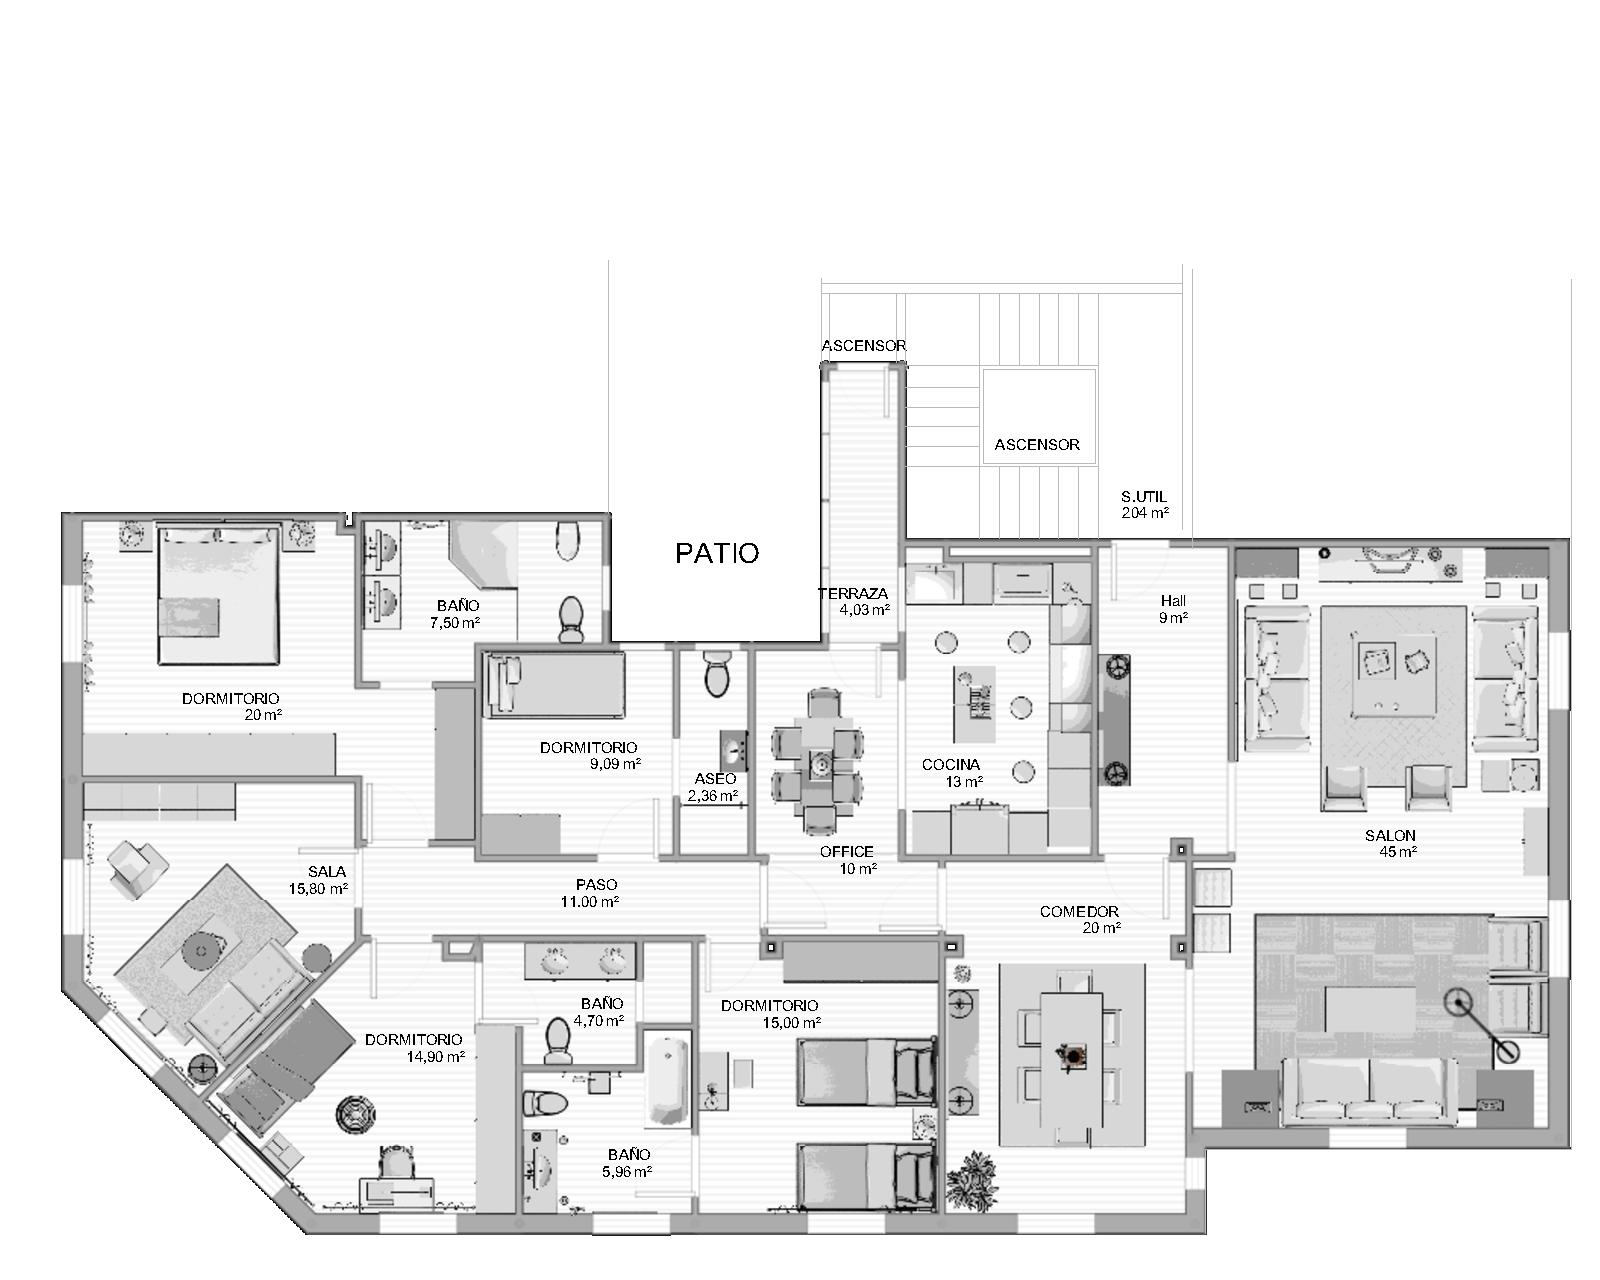 Reforma vivienda pamplona 2 br c arquitectos - Planos de arquitectos ...